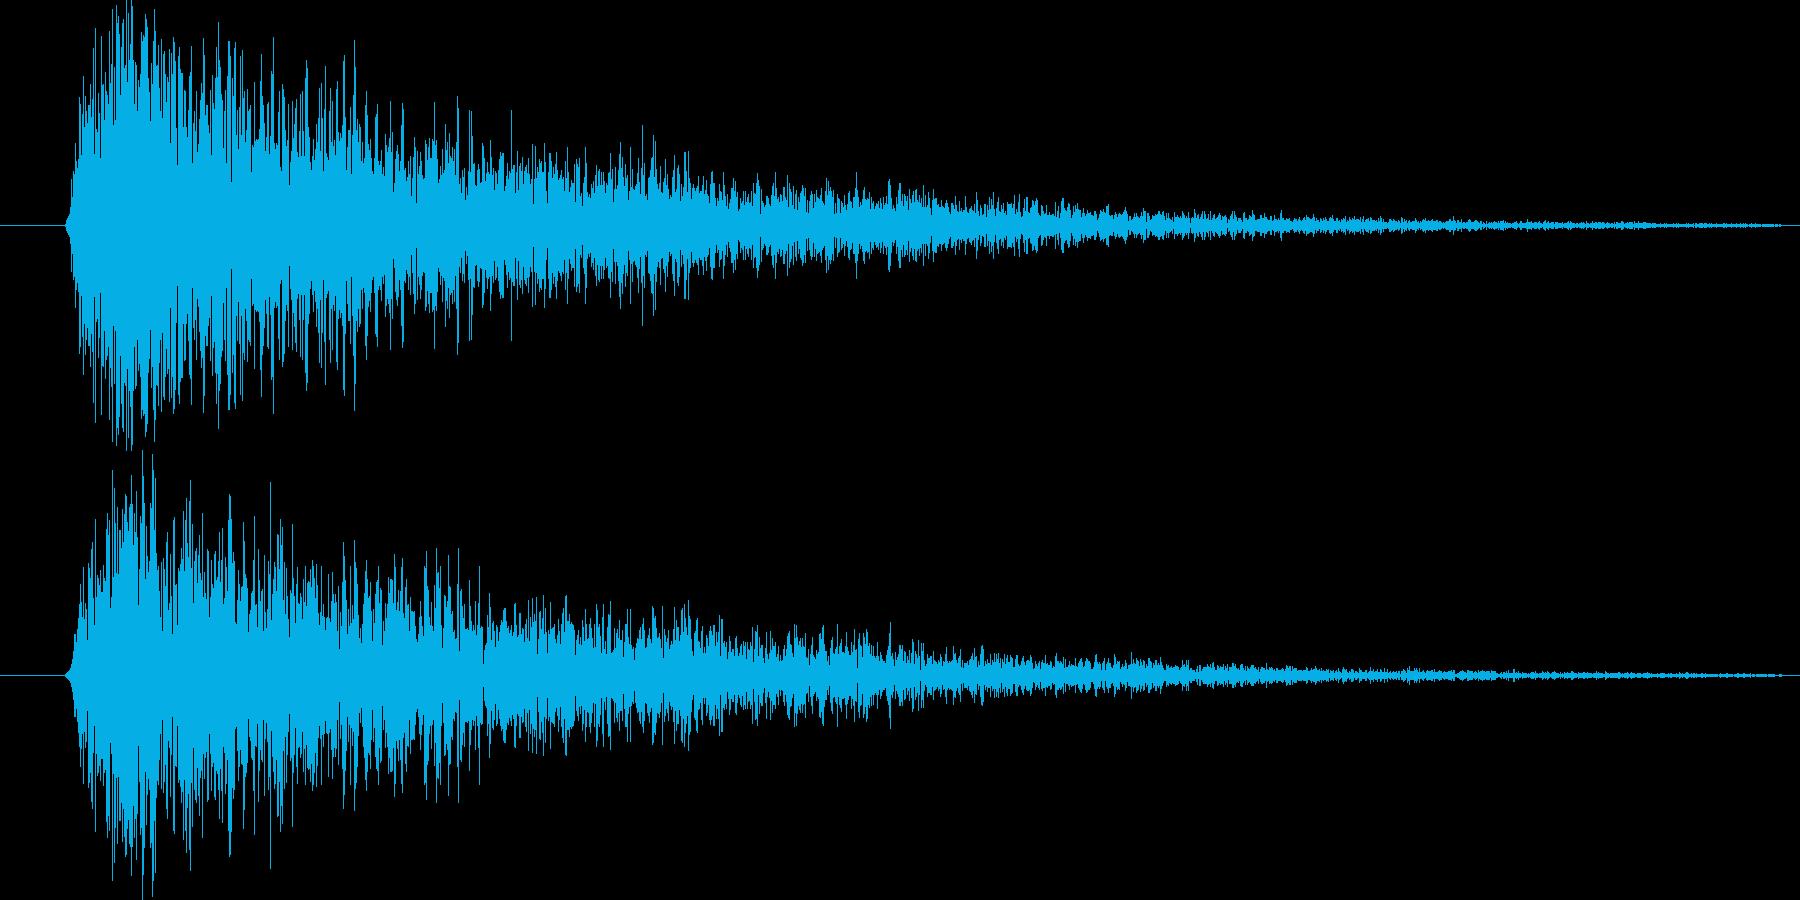 金属音の再生済みの波形